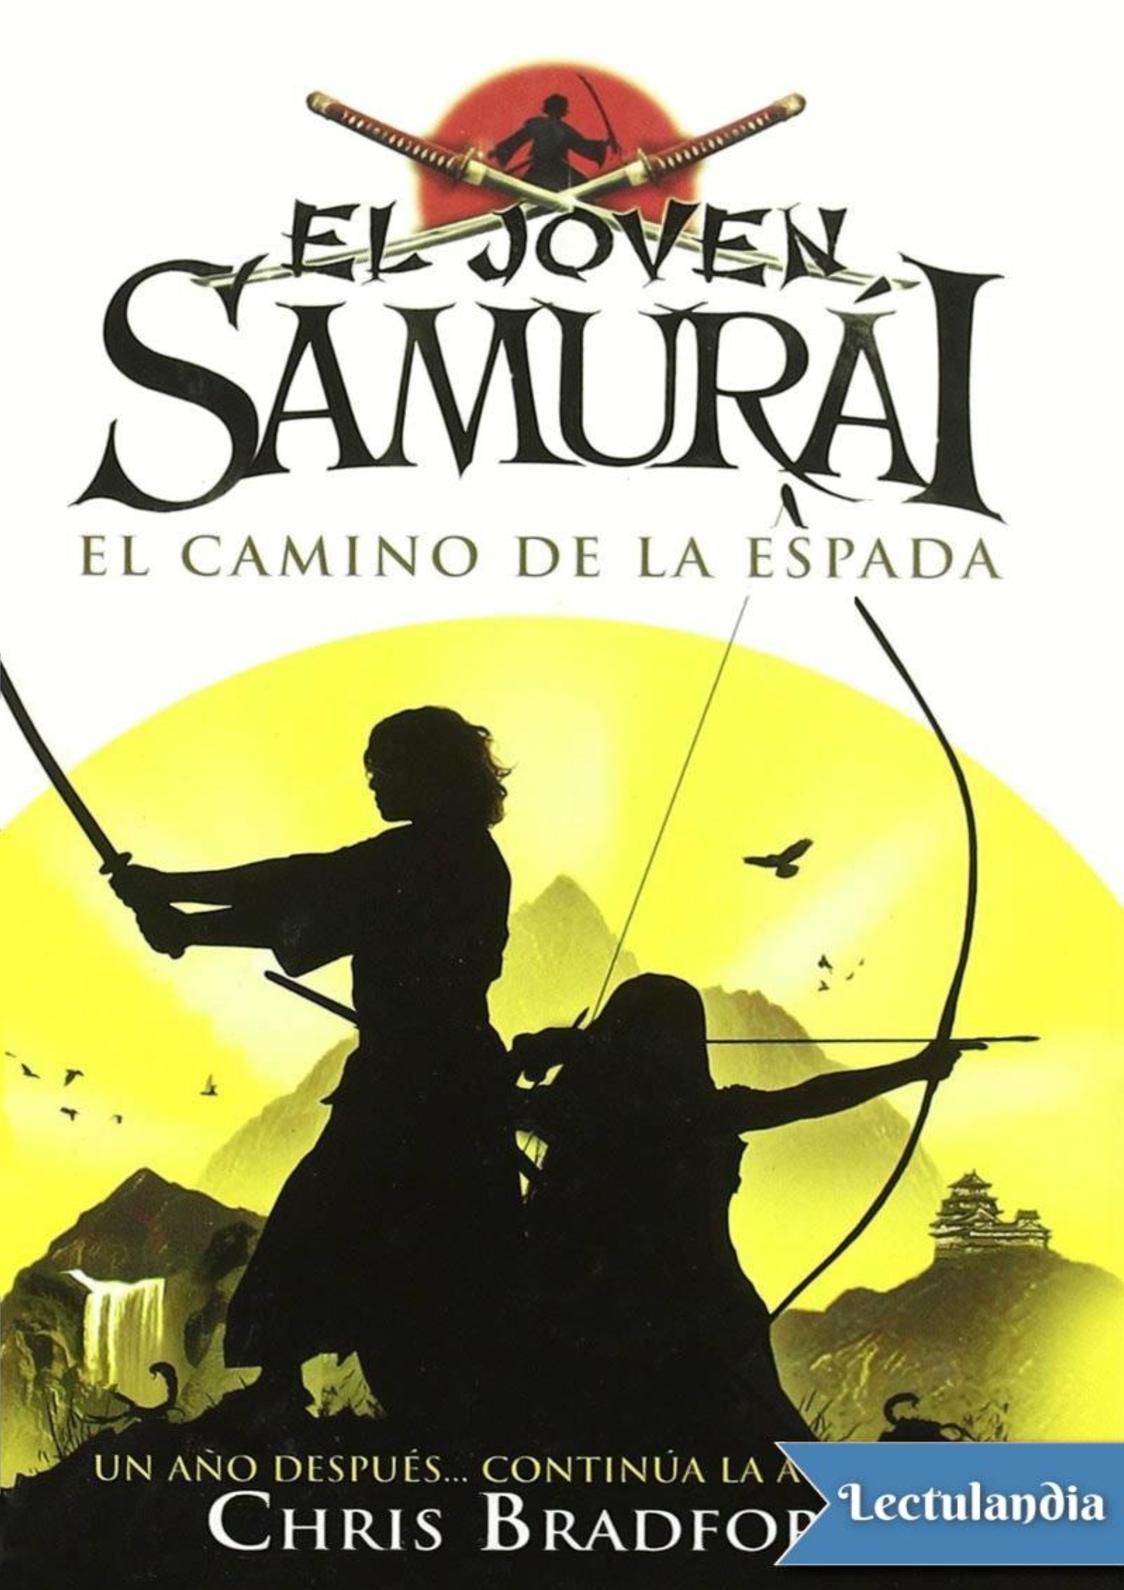 El De Espada La Cb0x Calaméo Camino 8wX0PNnOk